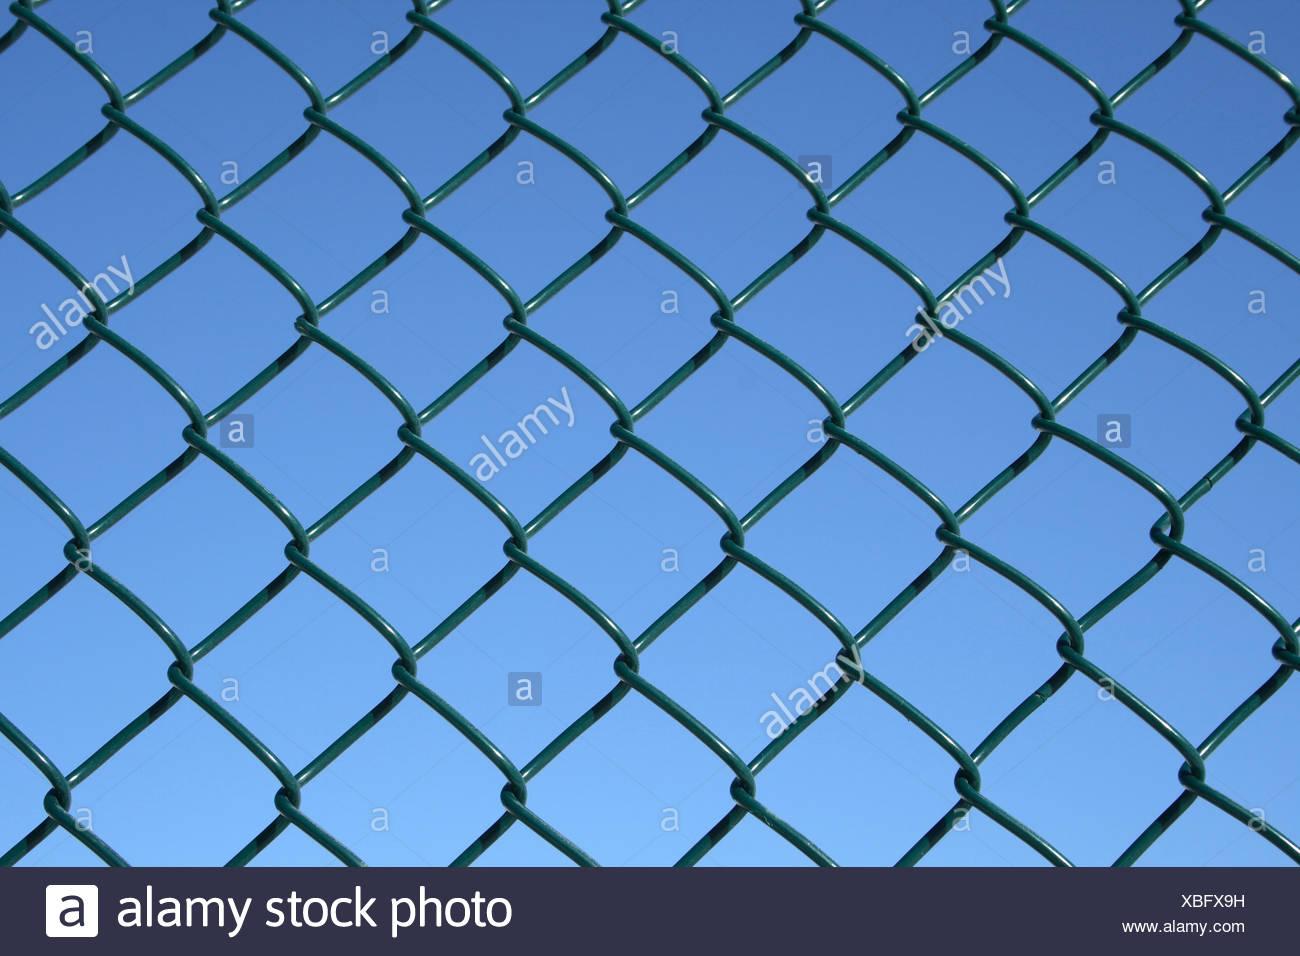 Wire Mesh Chain Wire Stockfotos & Wire Mesh Chain Wire Bilder - Alamy